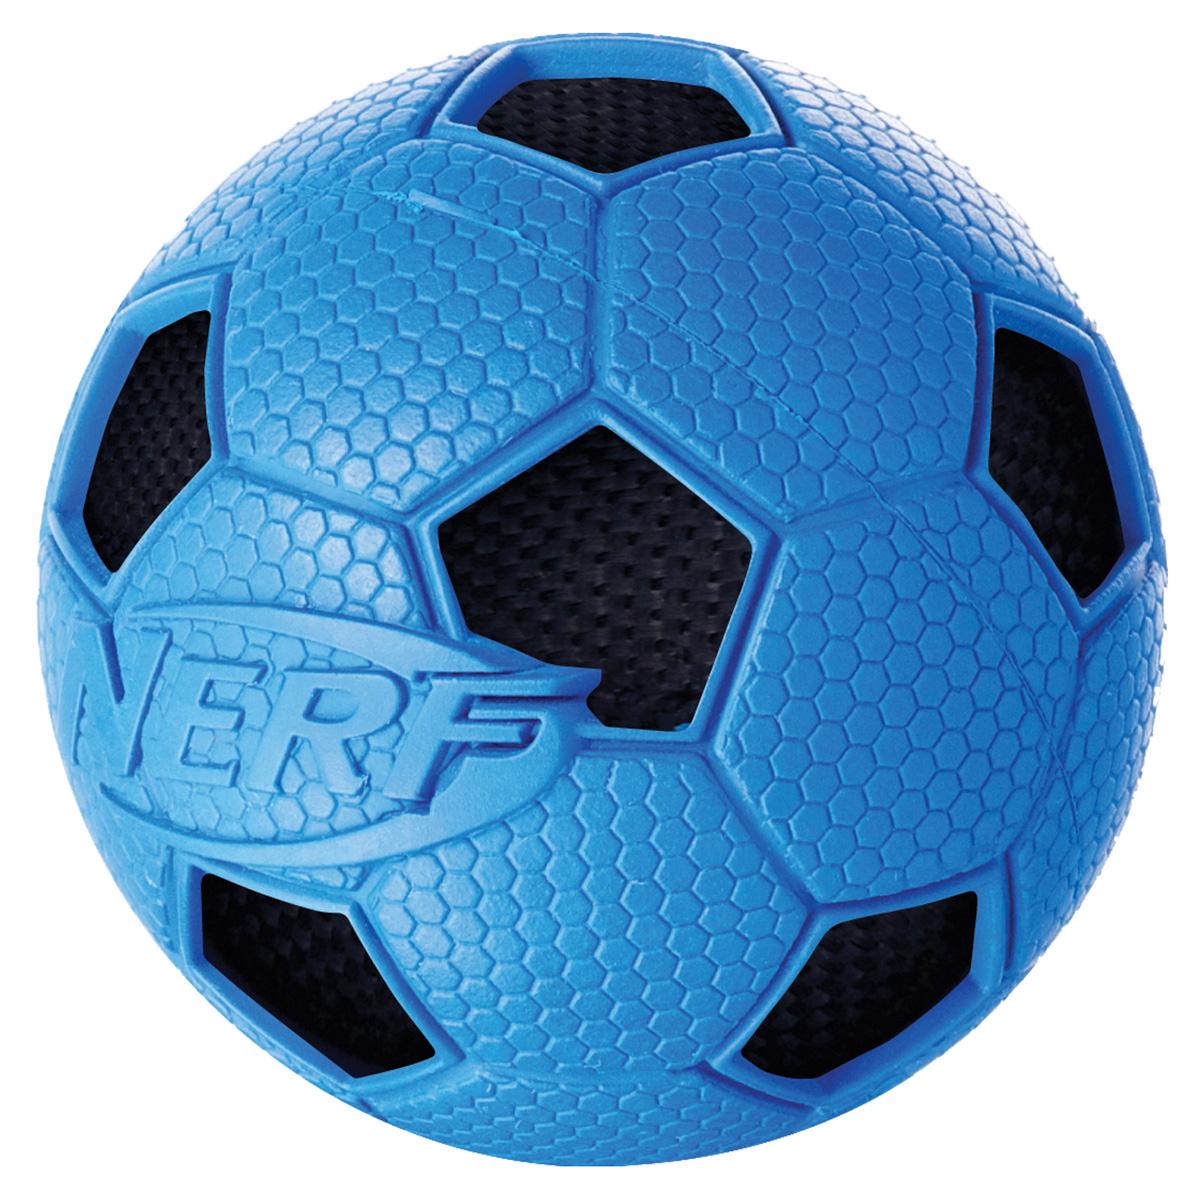 Игрушка для собак Nerf Мяч футбольный, цвет: голубой, черный, диаметр 7,5 см22323Мяч Nerf с рельефным рисунком и нейлоновым хрустящим мячом внутри.Высококачественные прочные материалы, из которых изготовлена игрушка, обеспечивают долговечность использования.Звук мяча дополнительно увлекает собаку игрой.Размер M: 7,5 см.